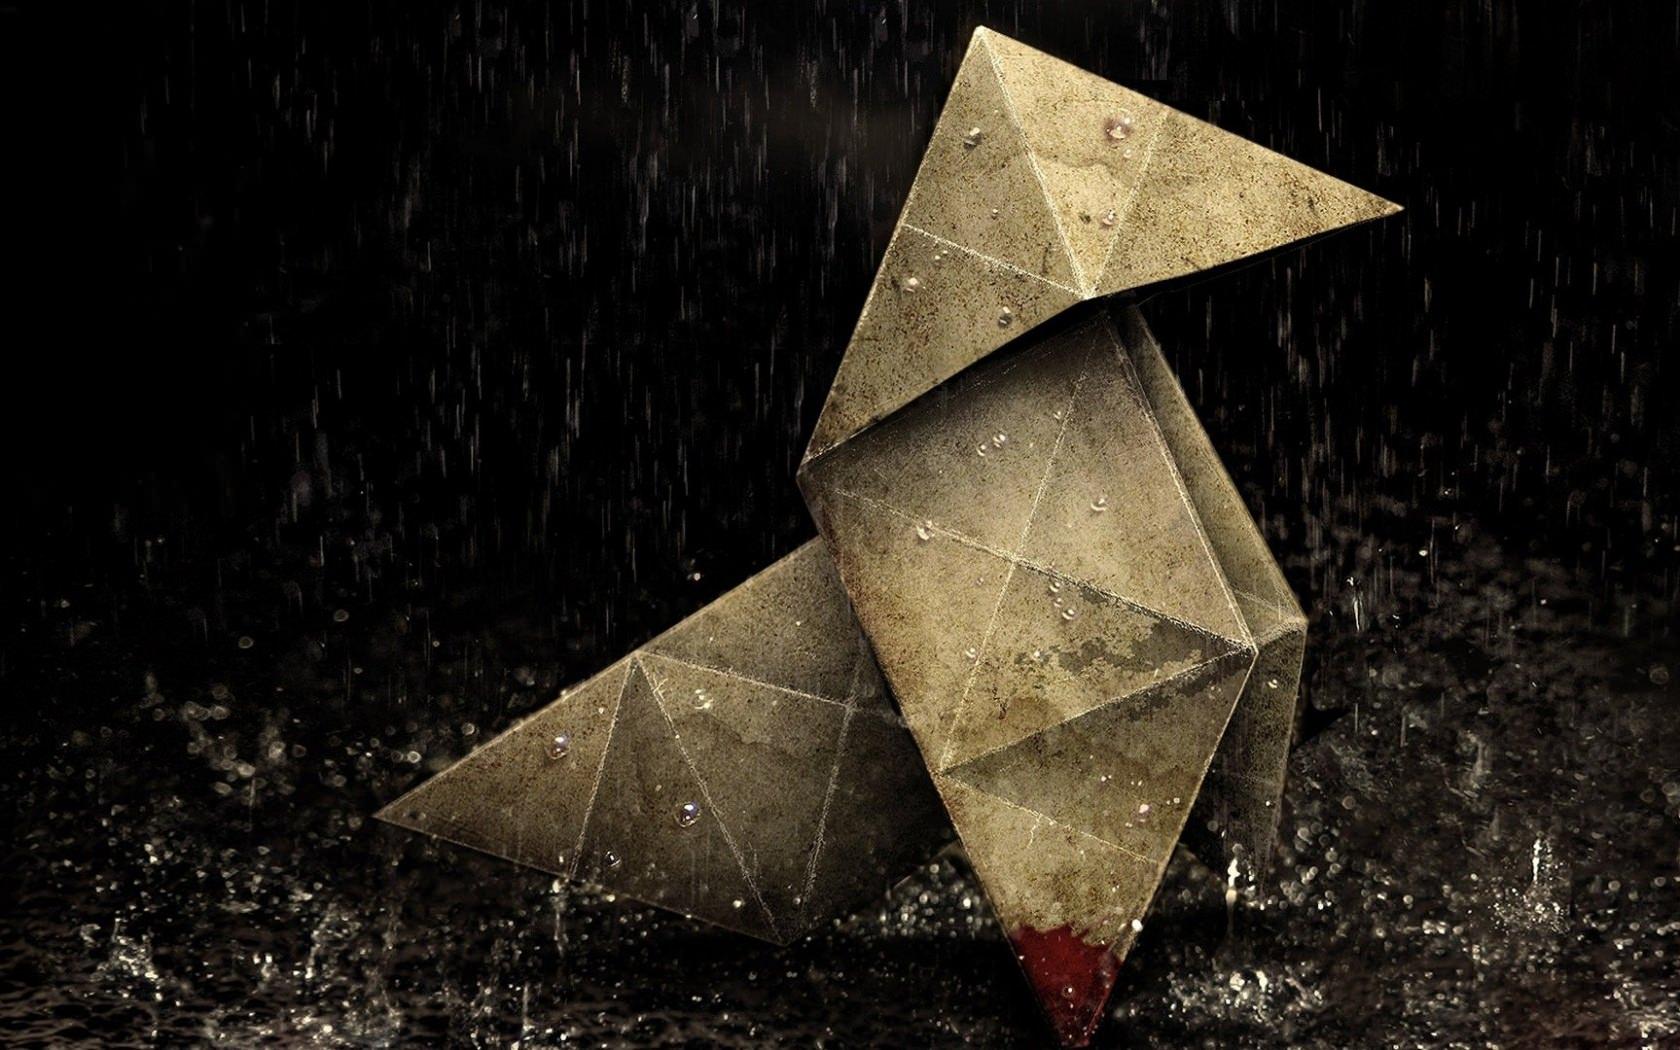 #5 - Heavy Rain